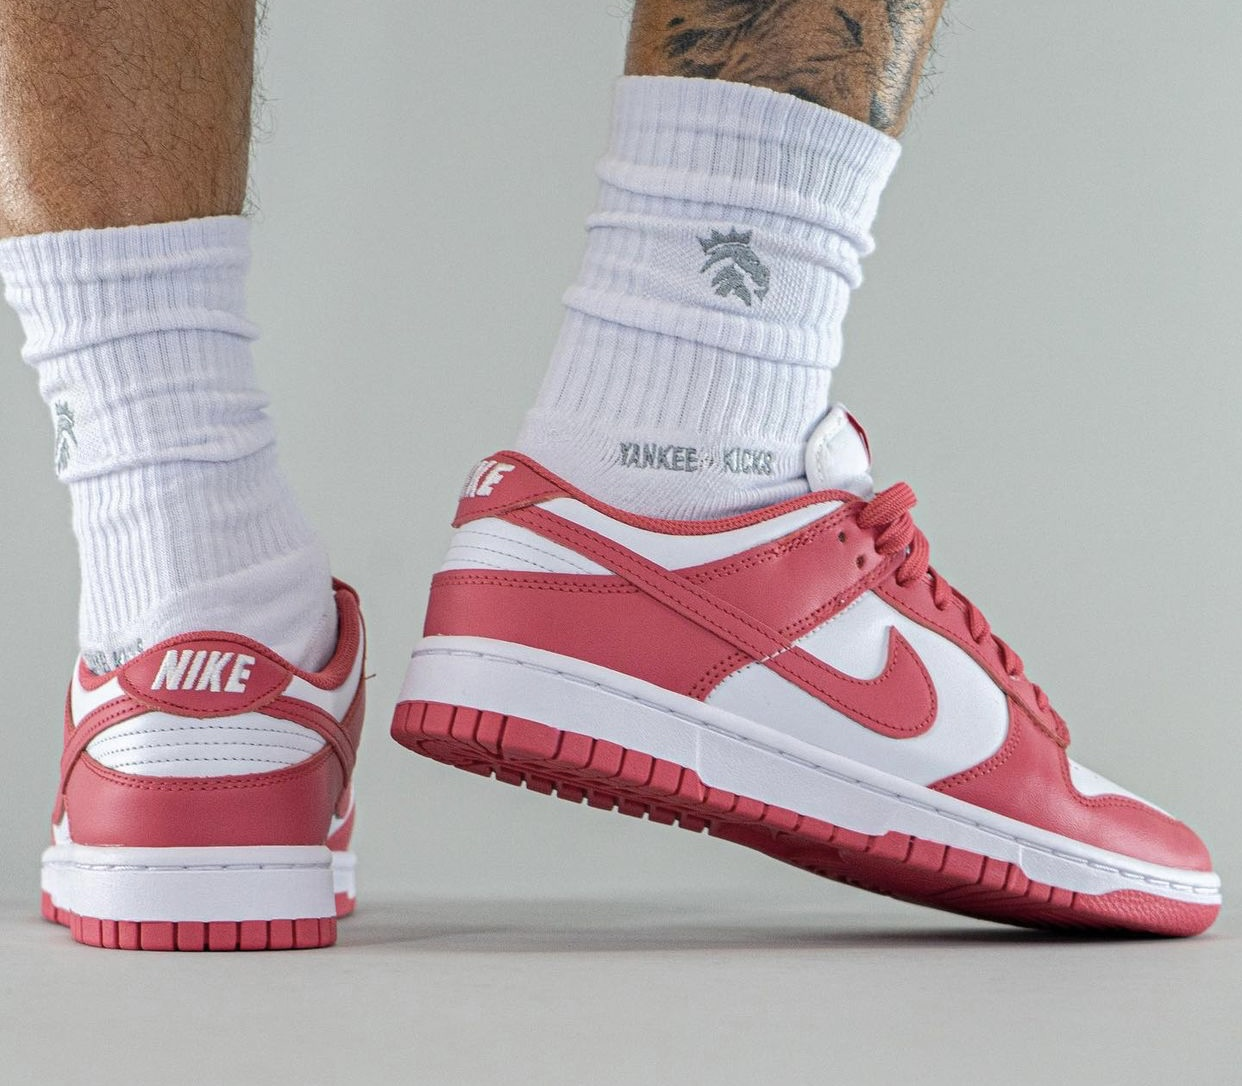 洋基队, Swoosh, Nike Dunk Low, Nike Dunk, NIKE, Dunk Low, Dunk